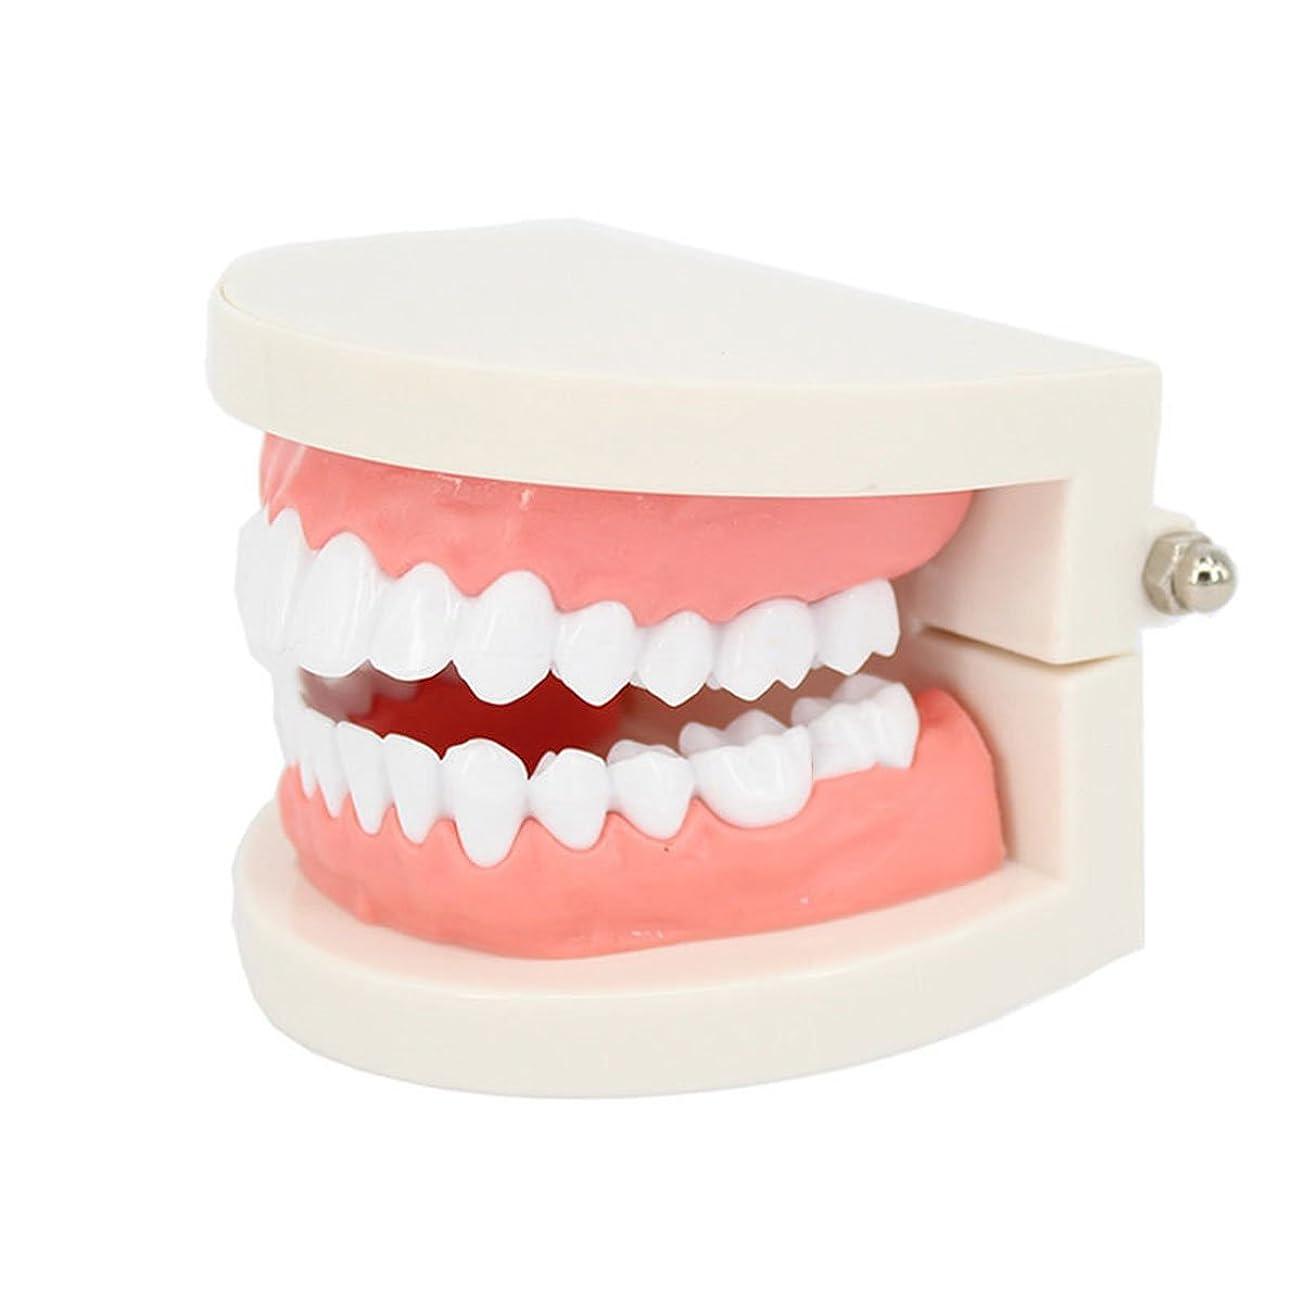 勝つ言い訳サイトラインROSENICE 歯科医 歯列模型 歯は着脱可能 指導用模型